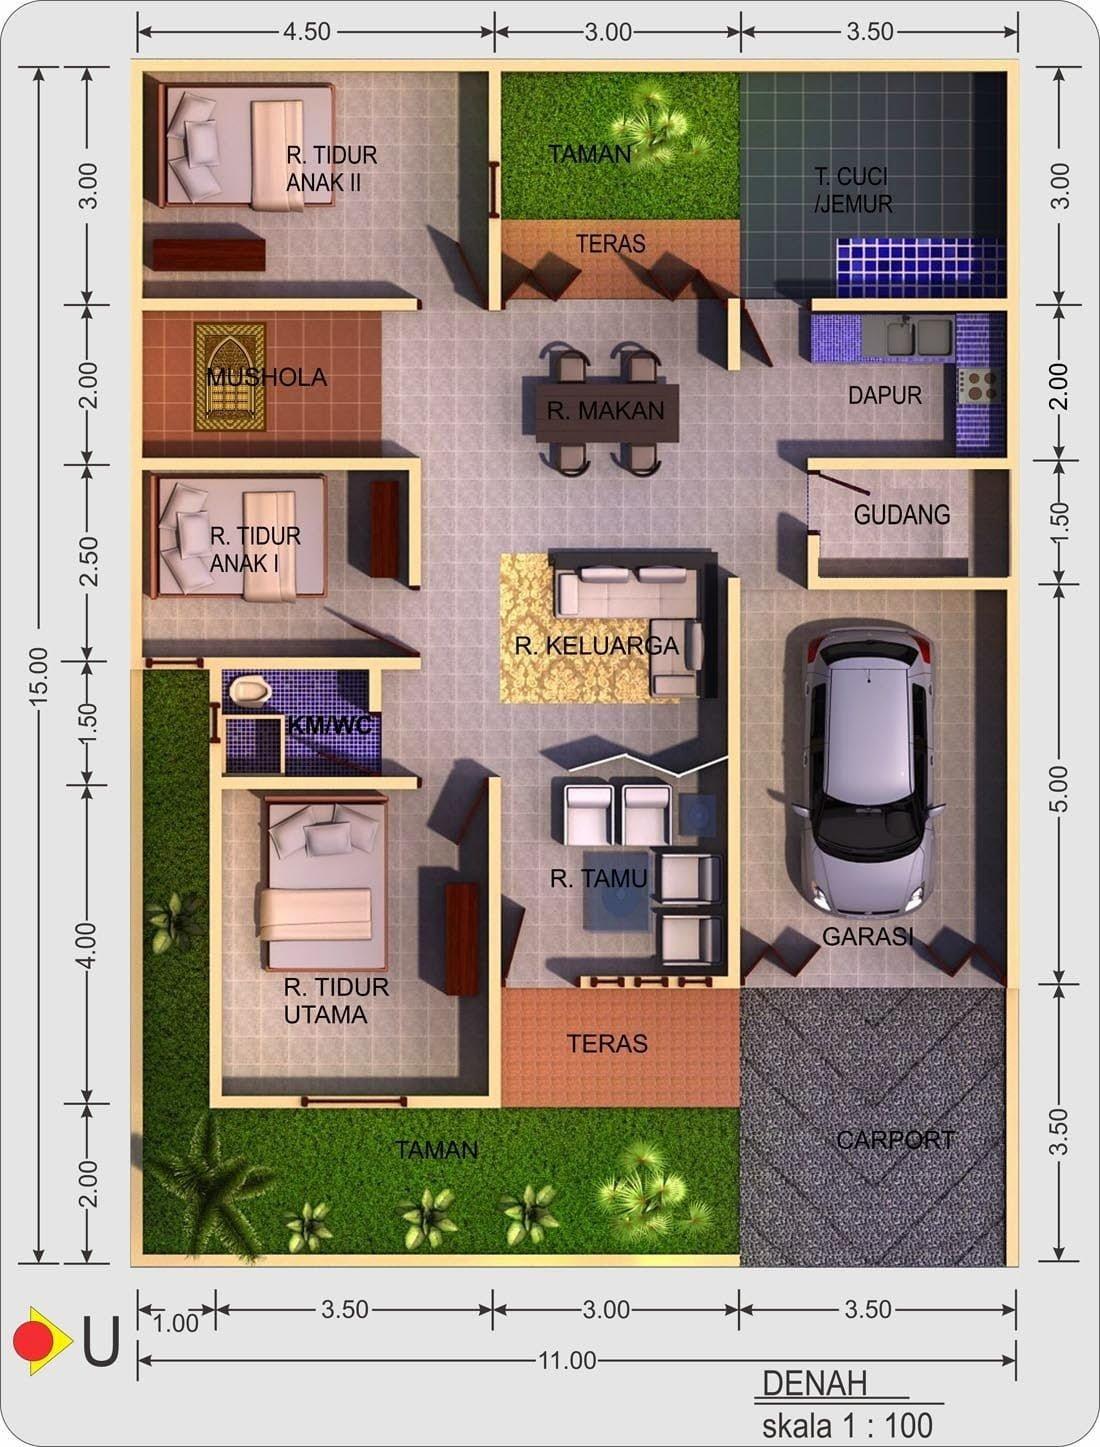 Desain Rumah 10x15 : desain, rumah, 10x15, Desain, Rumah, Minimalis, Ukuran, 10X15, Terpopuler, Harus, Deagam, Design